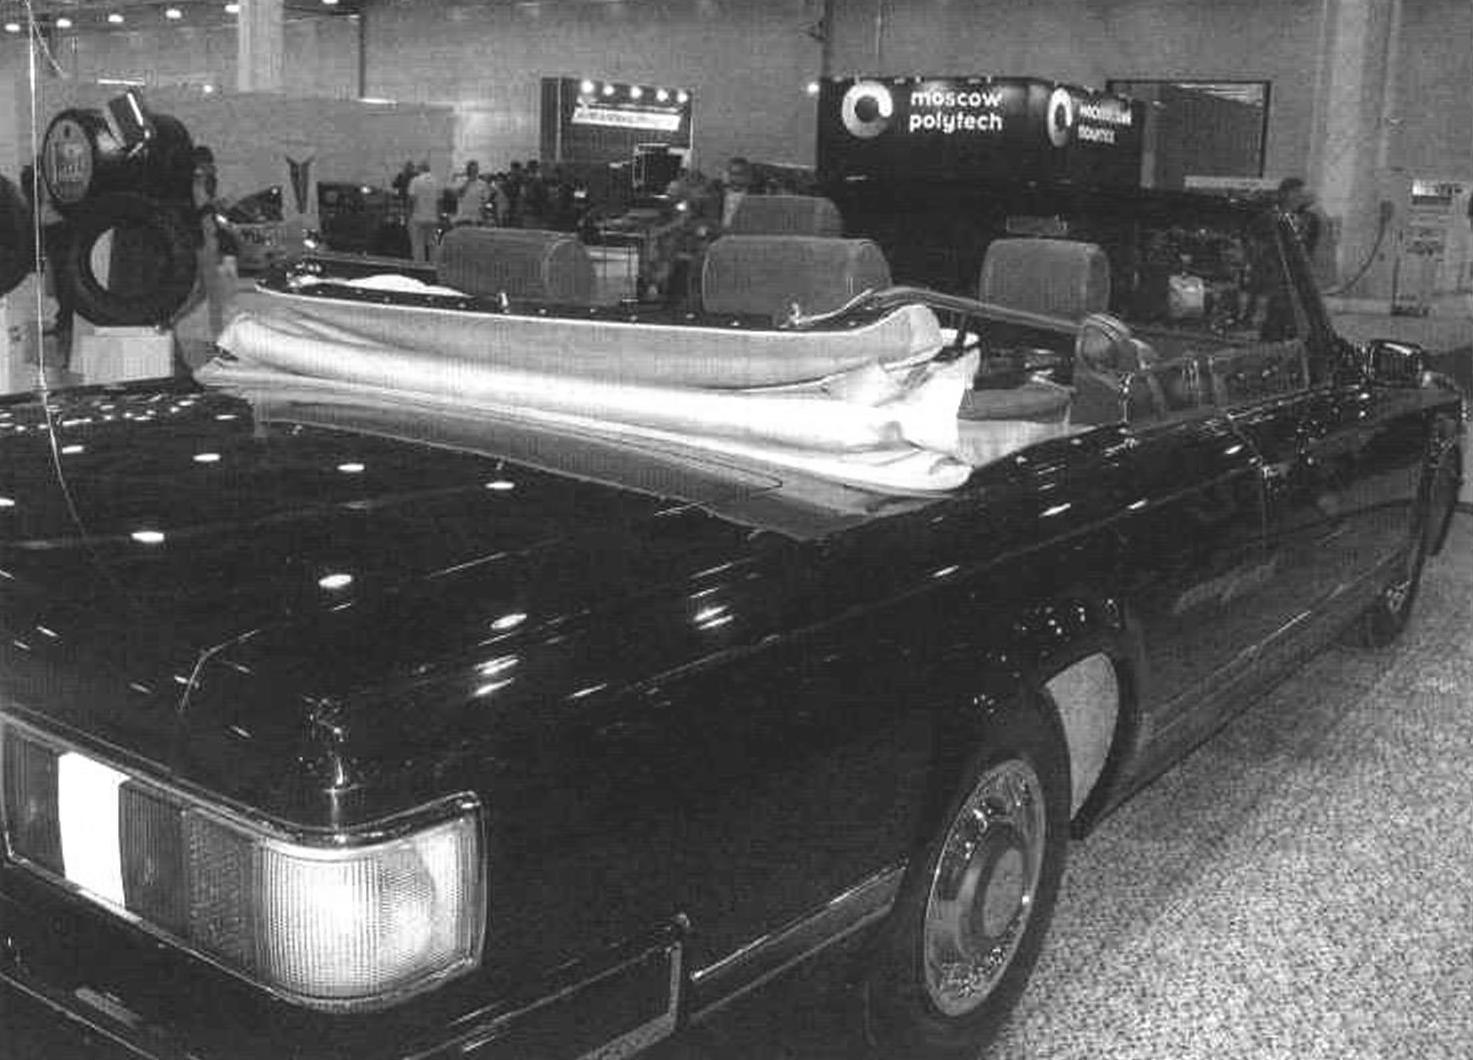 Трехместный (не считая водителя) кабриолет ЗИЛ-410441